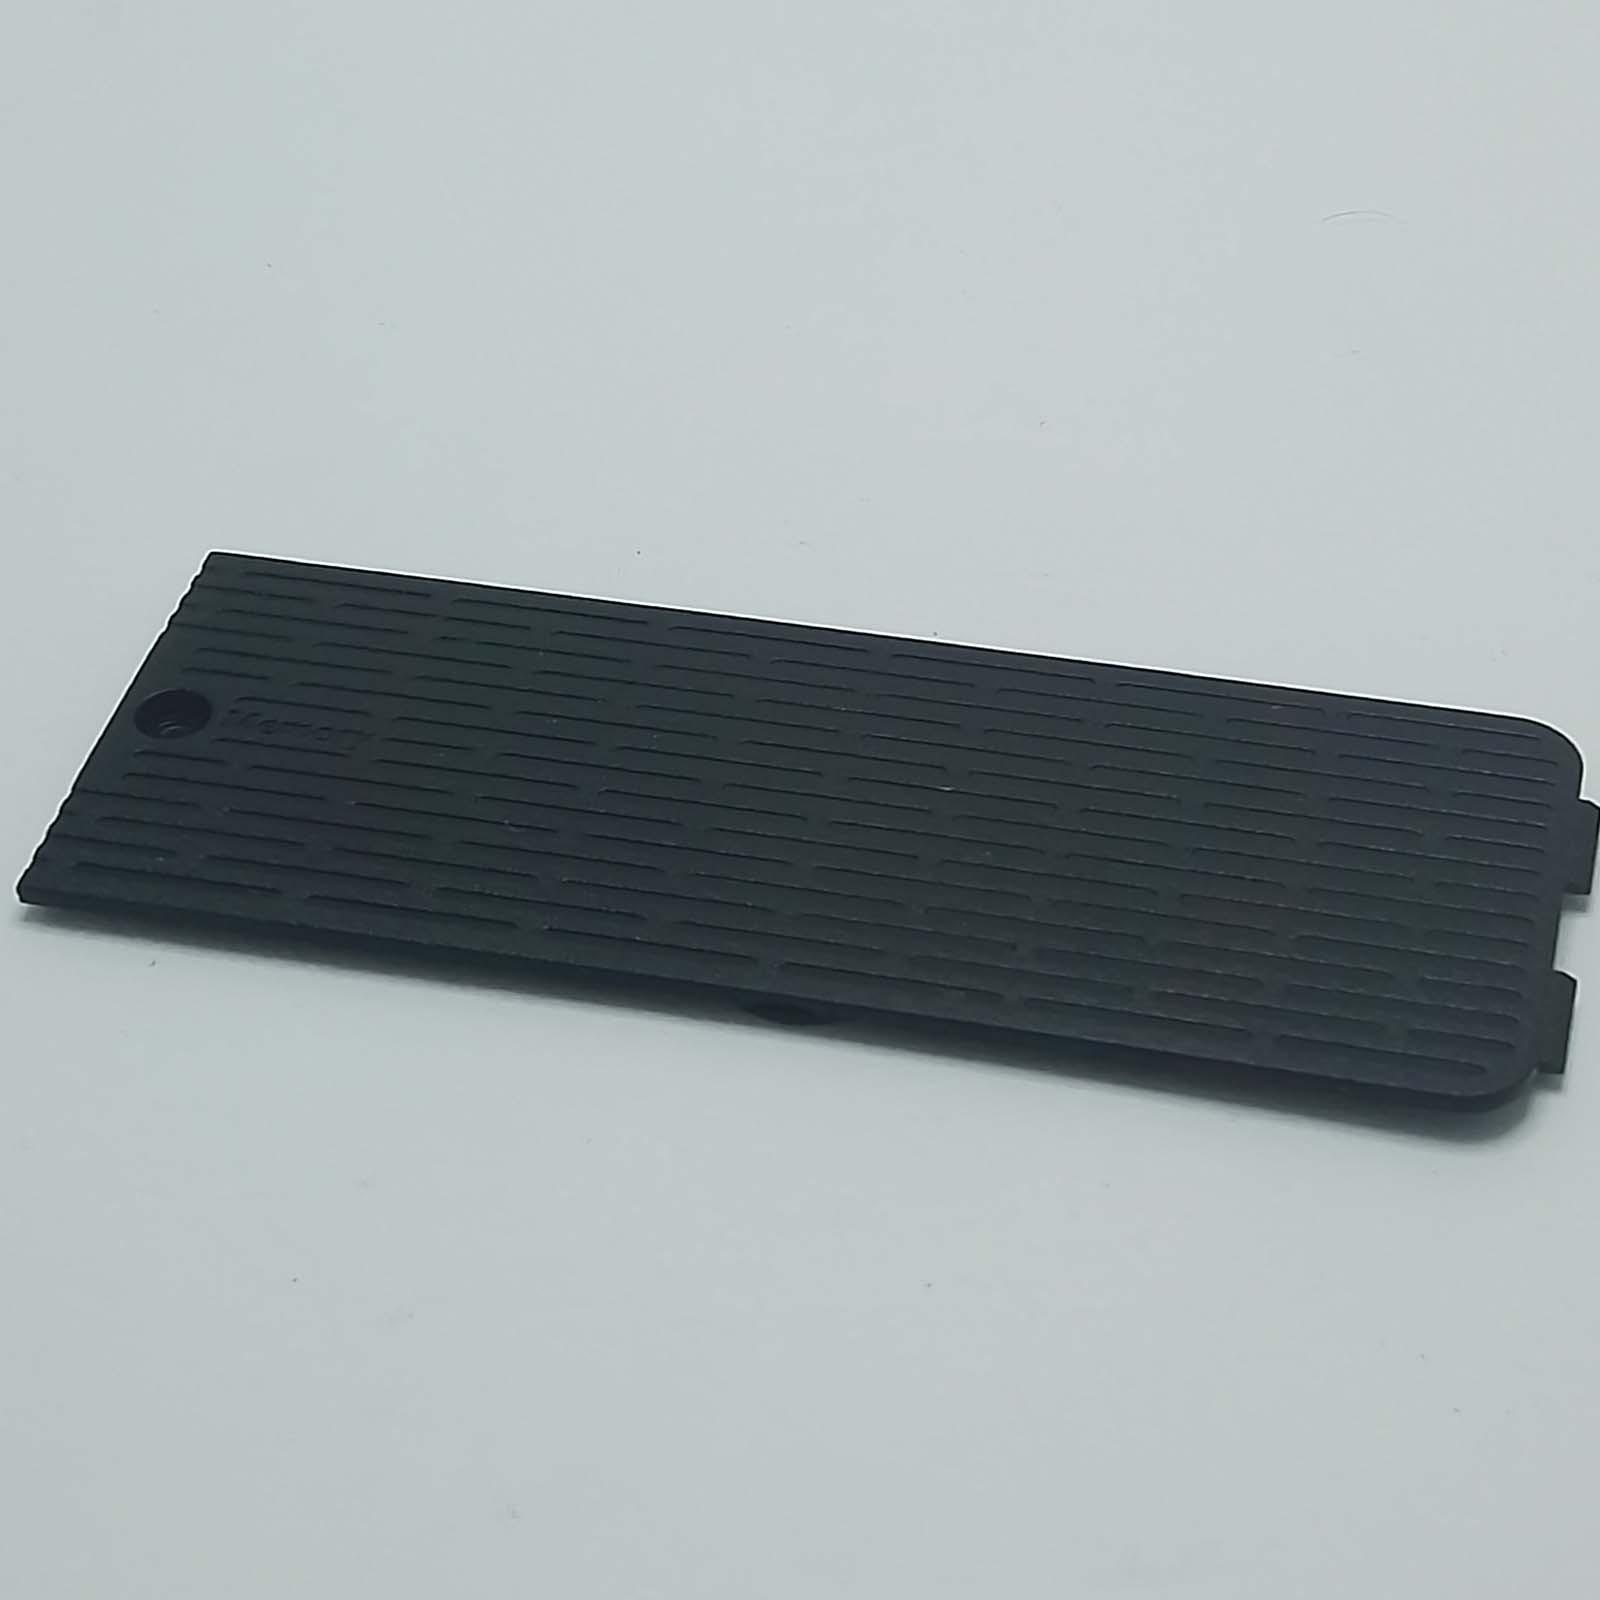 Sportellino RAM Memory door Samsung N150 NP-N150 BA81-08401